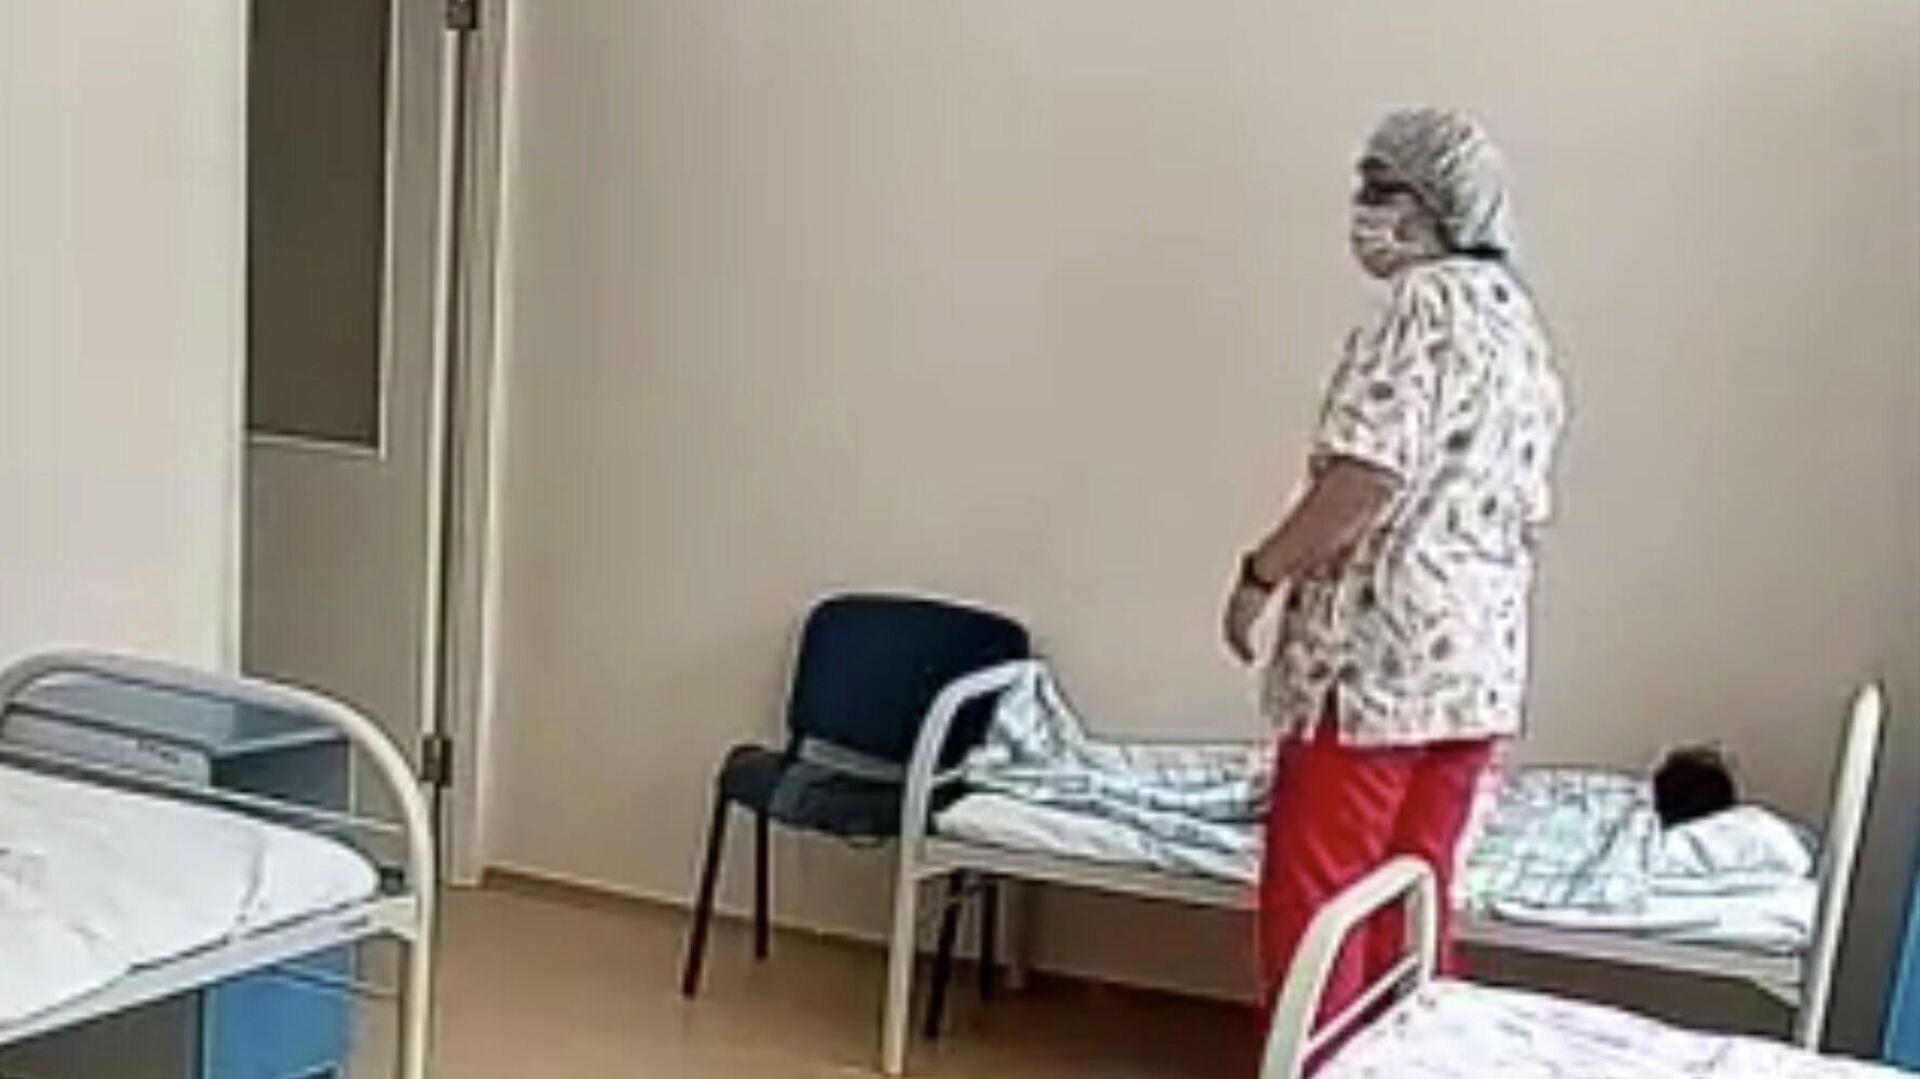 Кадр видео жестокого обращения с ребенком в больнице в Новосибирске - РИА Новости, 1920, 16.12.2020